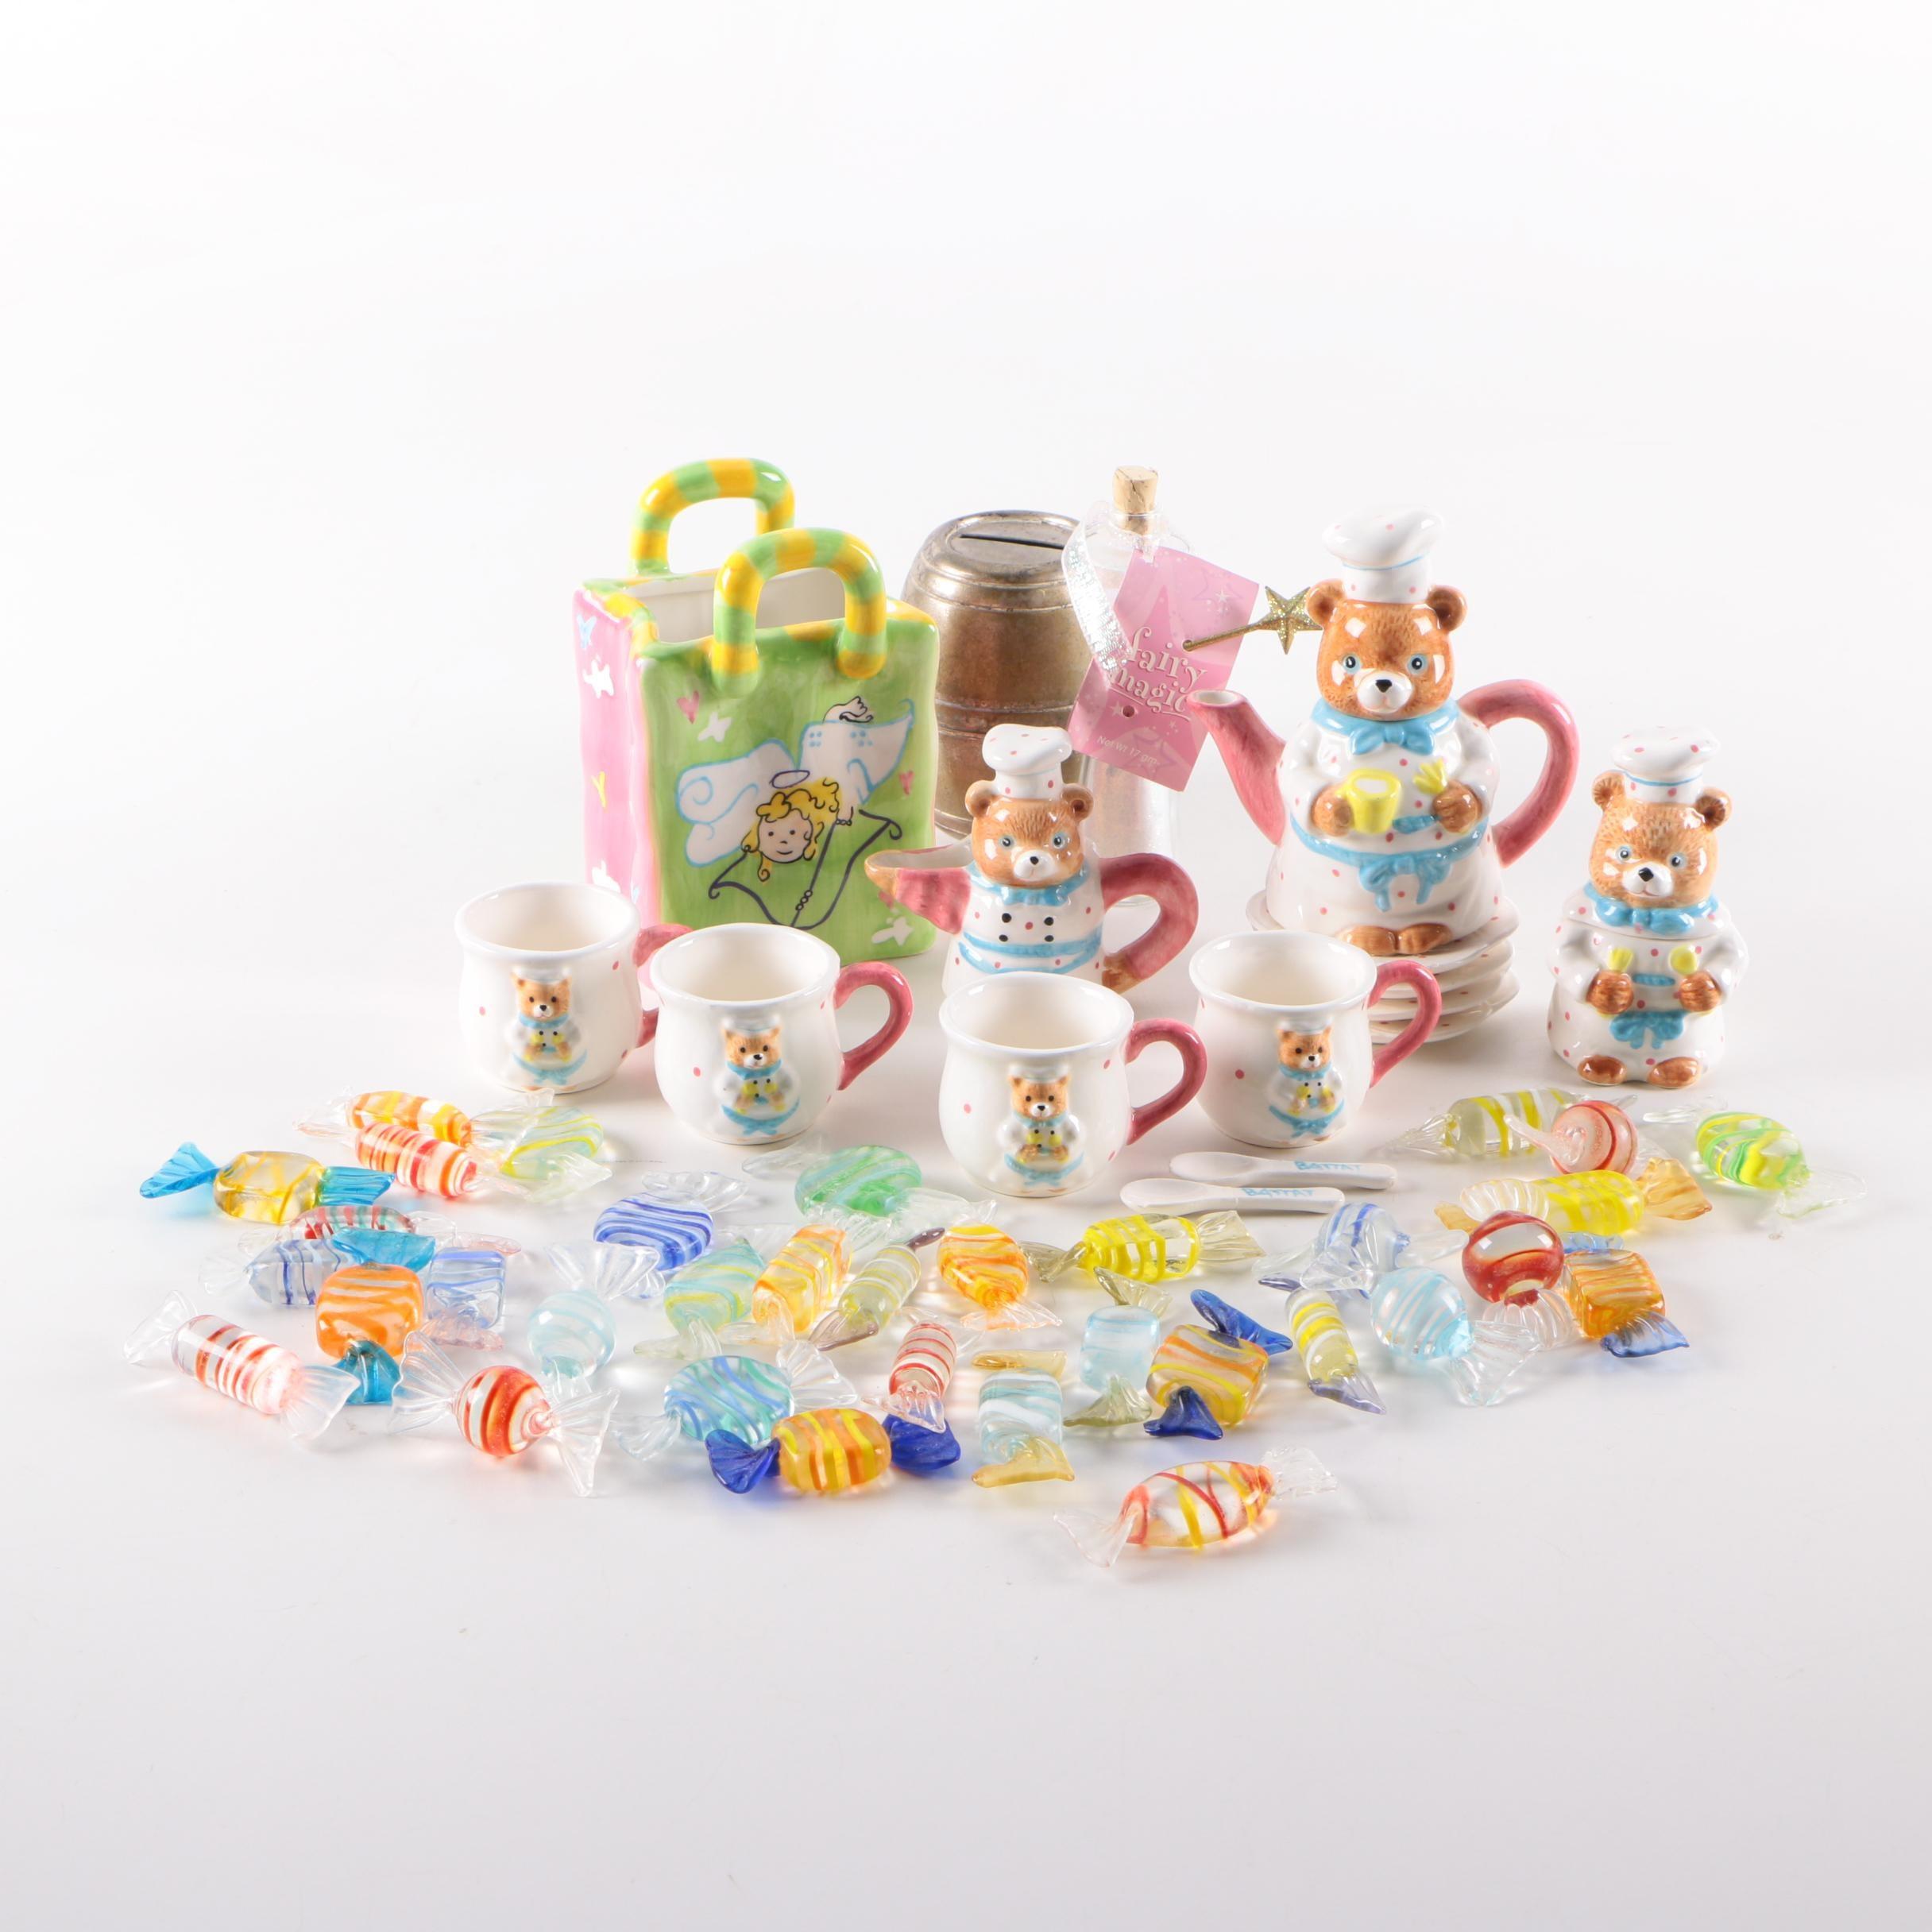 Miniature Tea Set and Decor